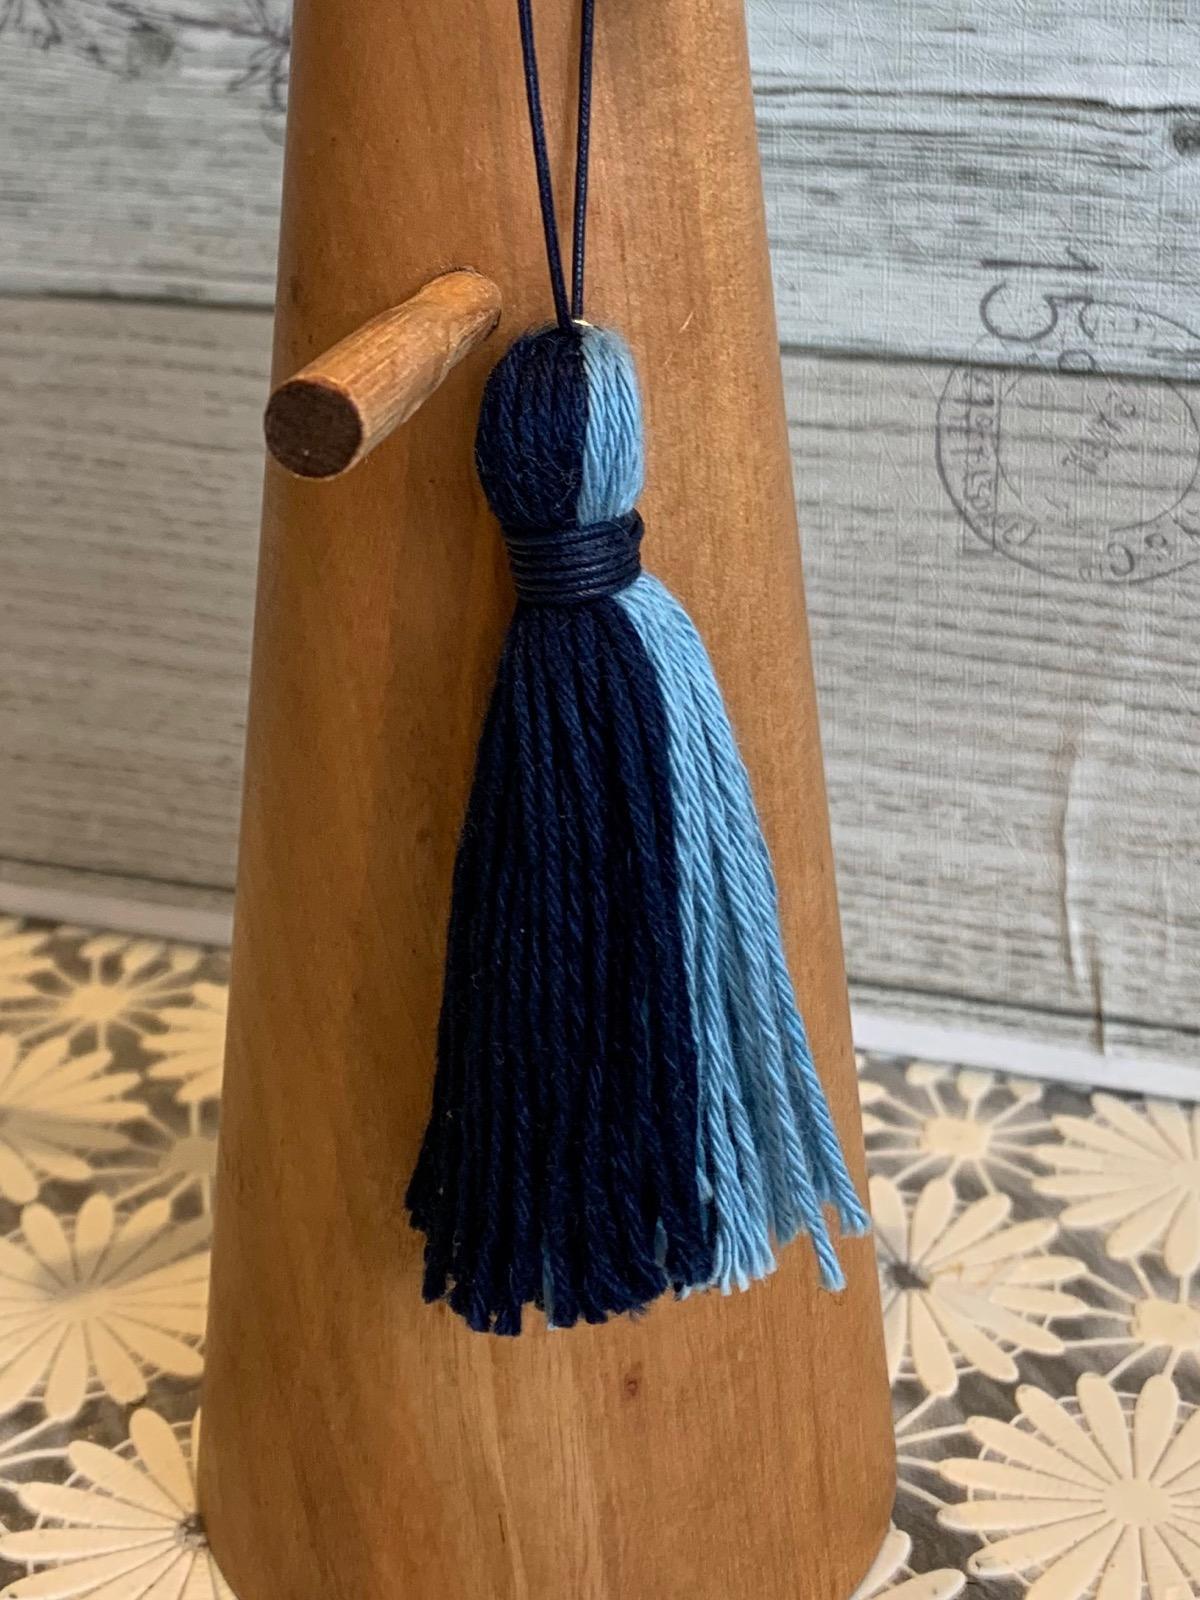 阿波藍染糸のすとらっぷ